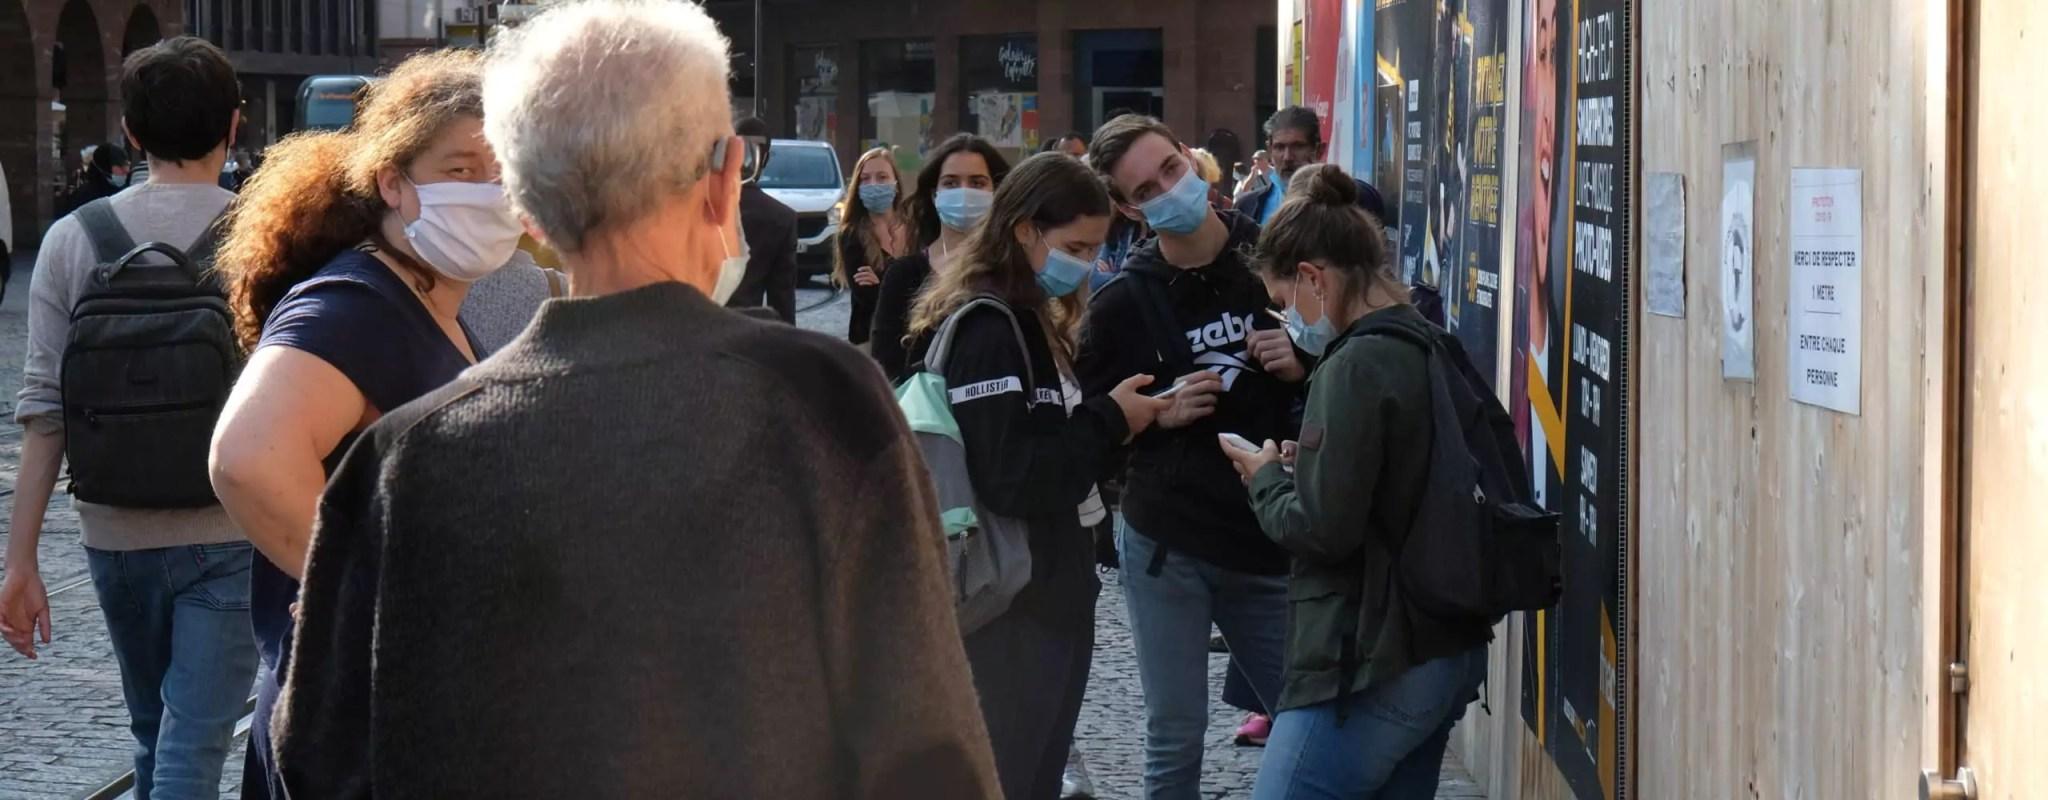 Troisième recours contre les masques obligatoires à l'extérieur à Strasbourg